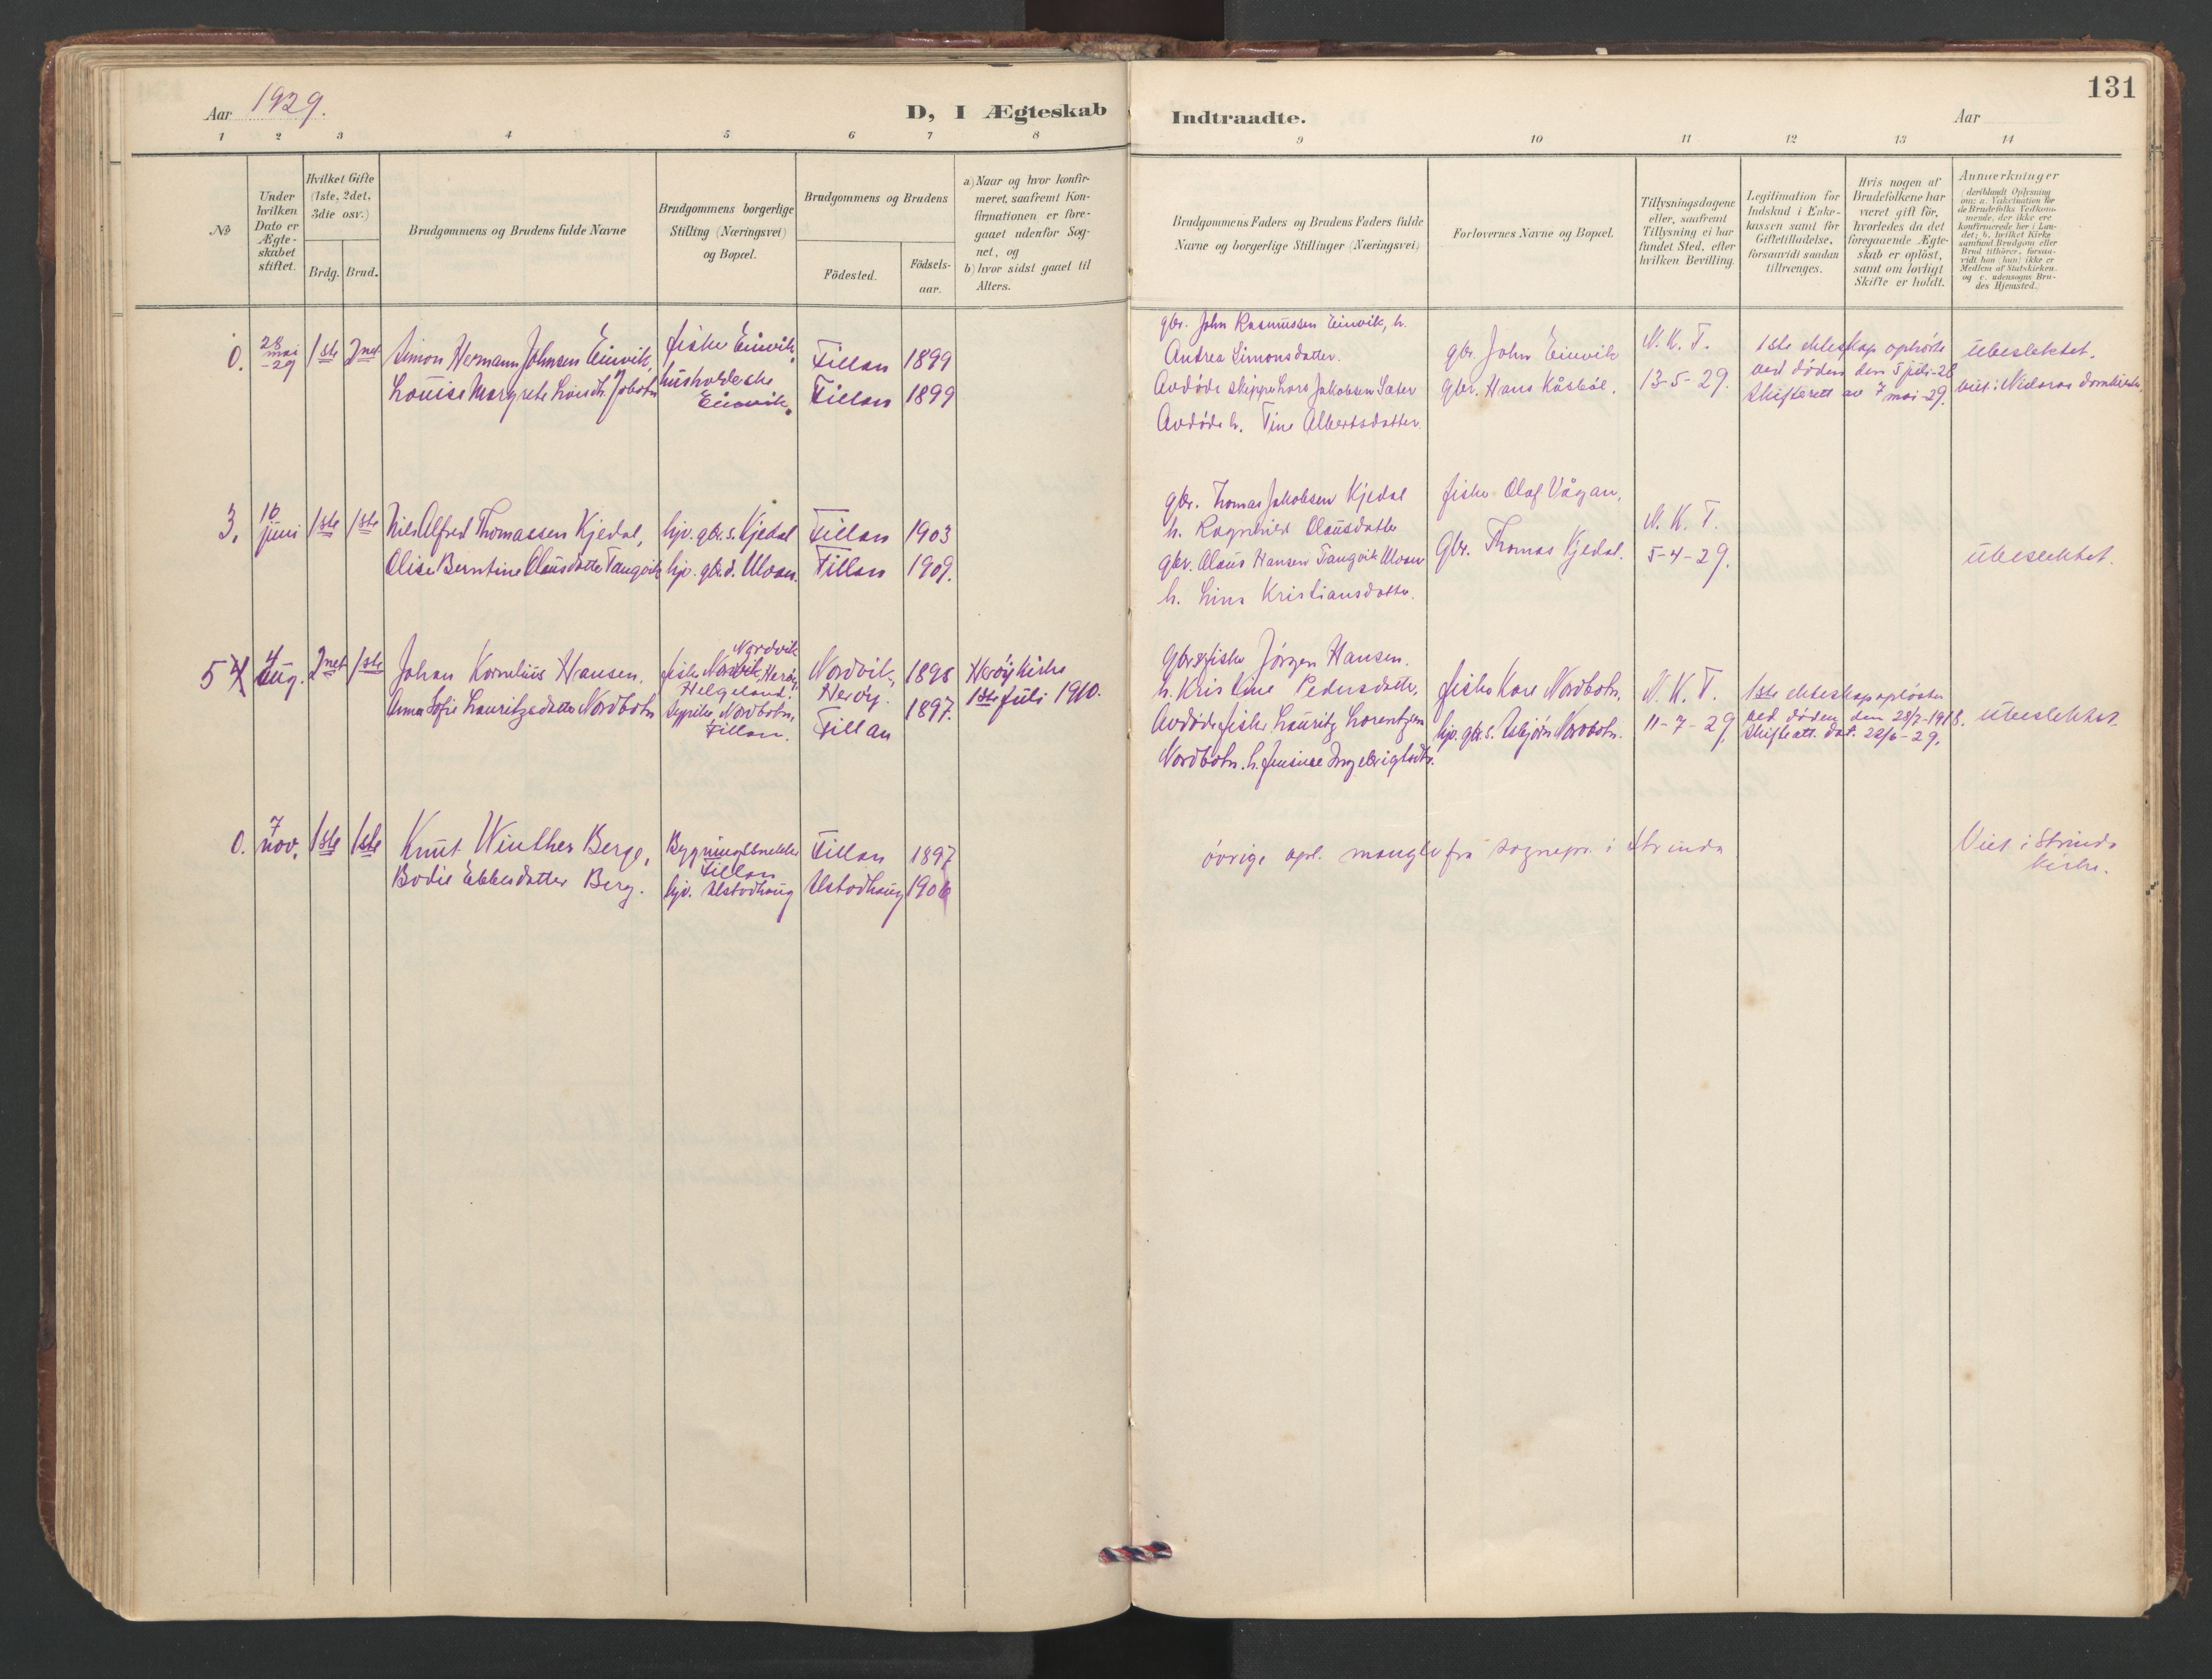 SAT, Ministerialprotokoller, klokkerbøker og fødselsregistre - Sør-Trøndelag, 638/L0571: Klokkerbok nr. 638C03, 1901-1930, s. 131